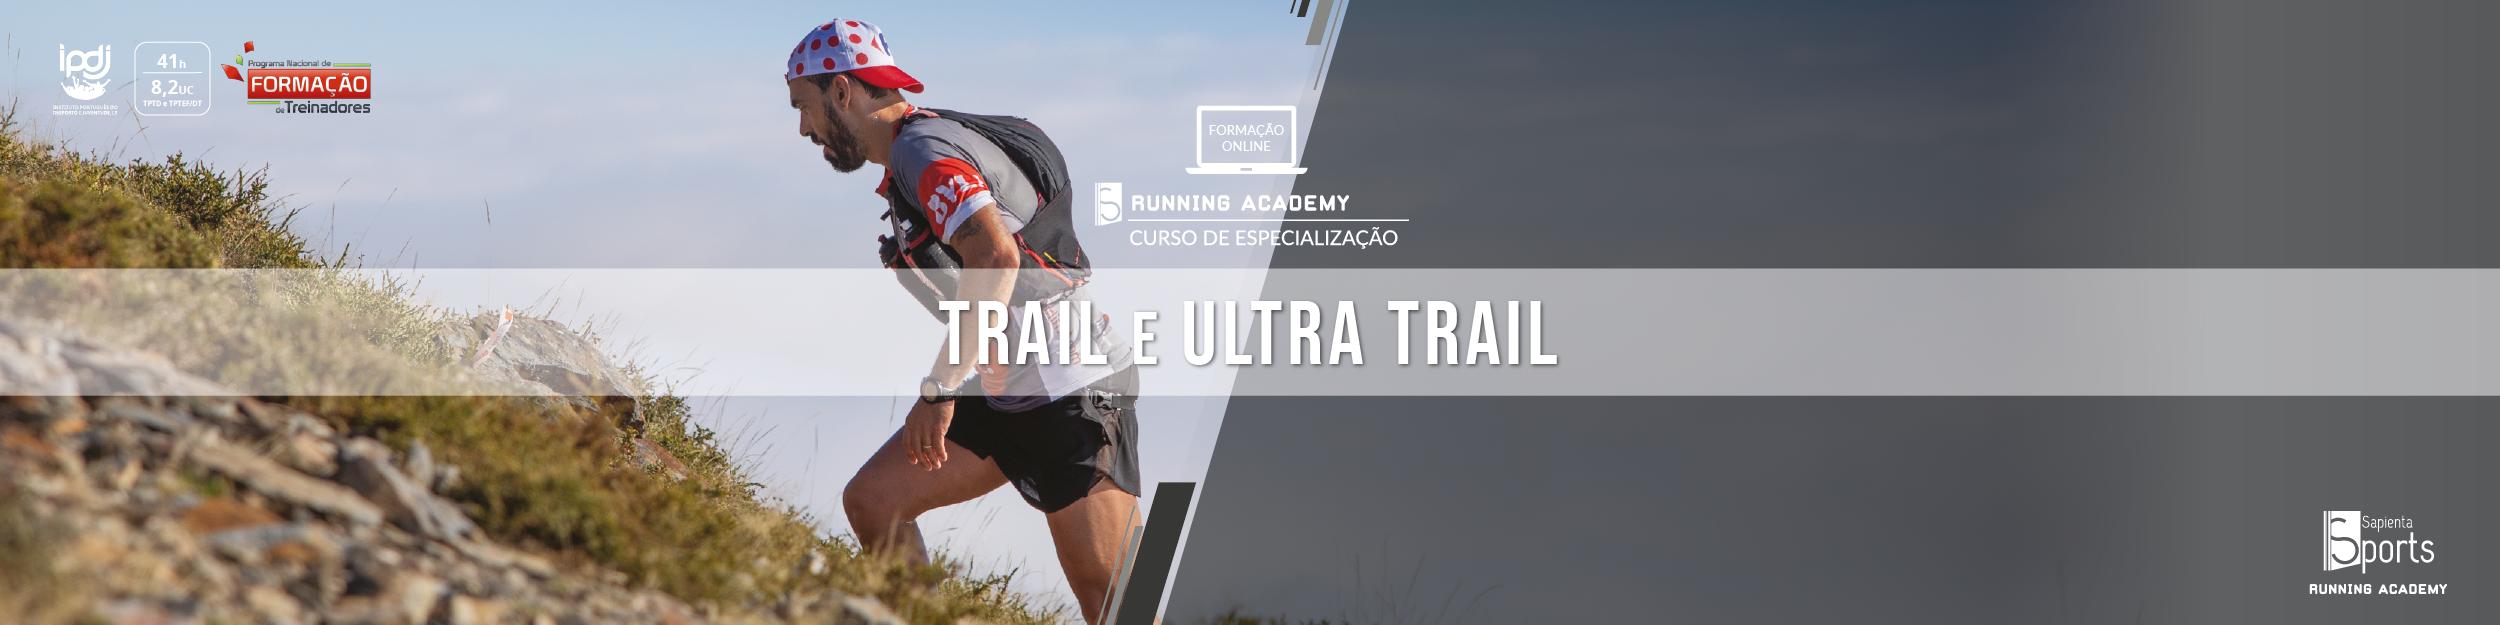 Curso de Especialização em Trail e Ultra Trail